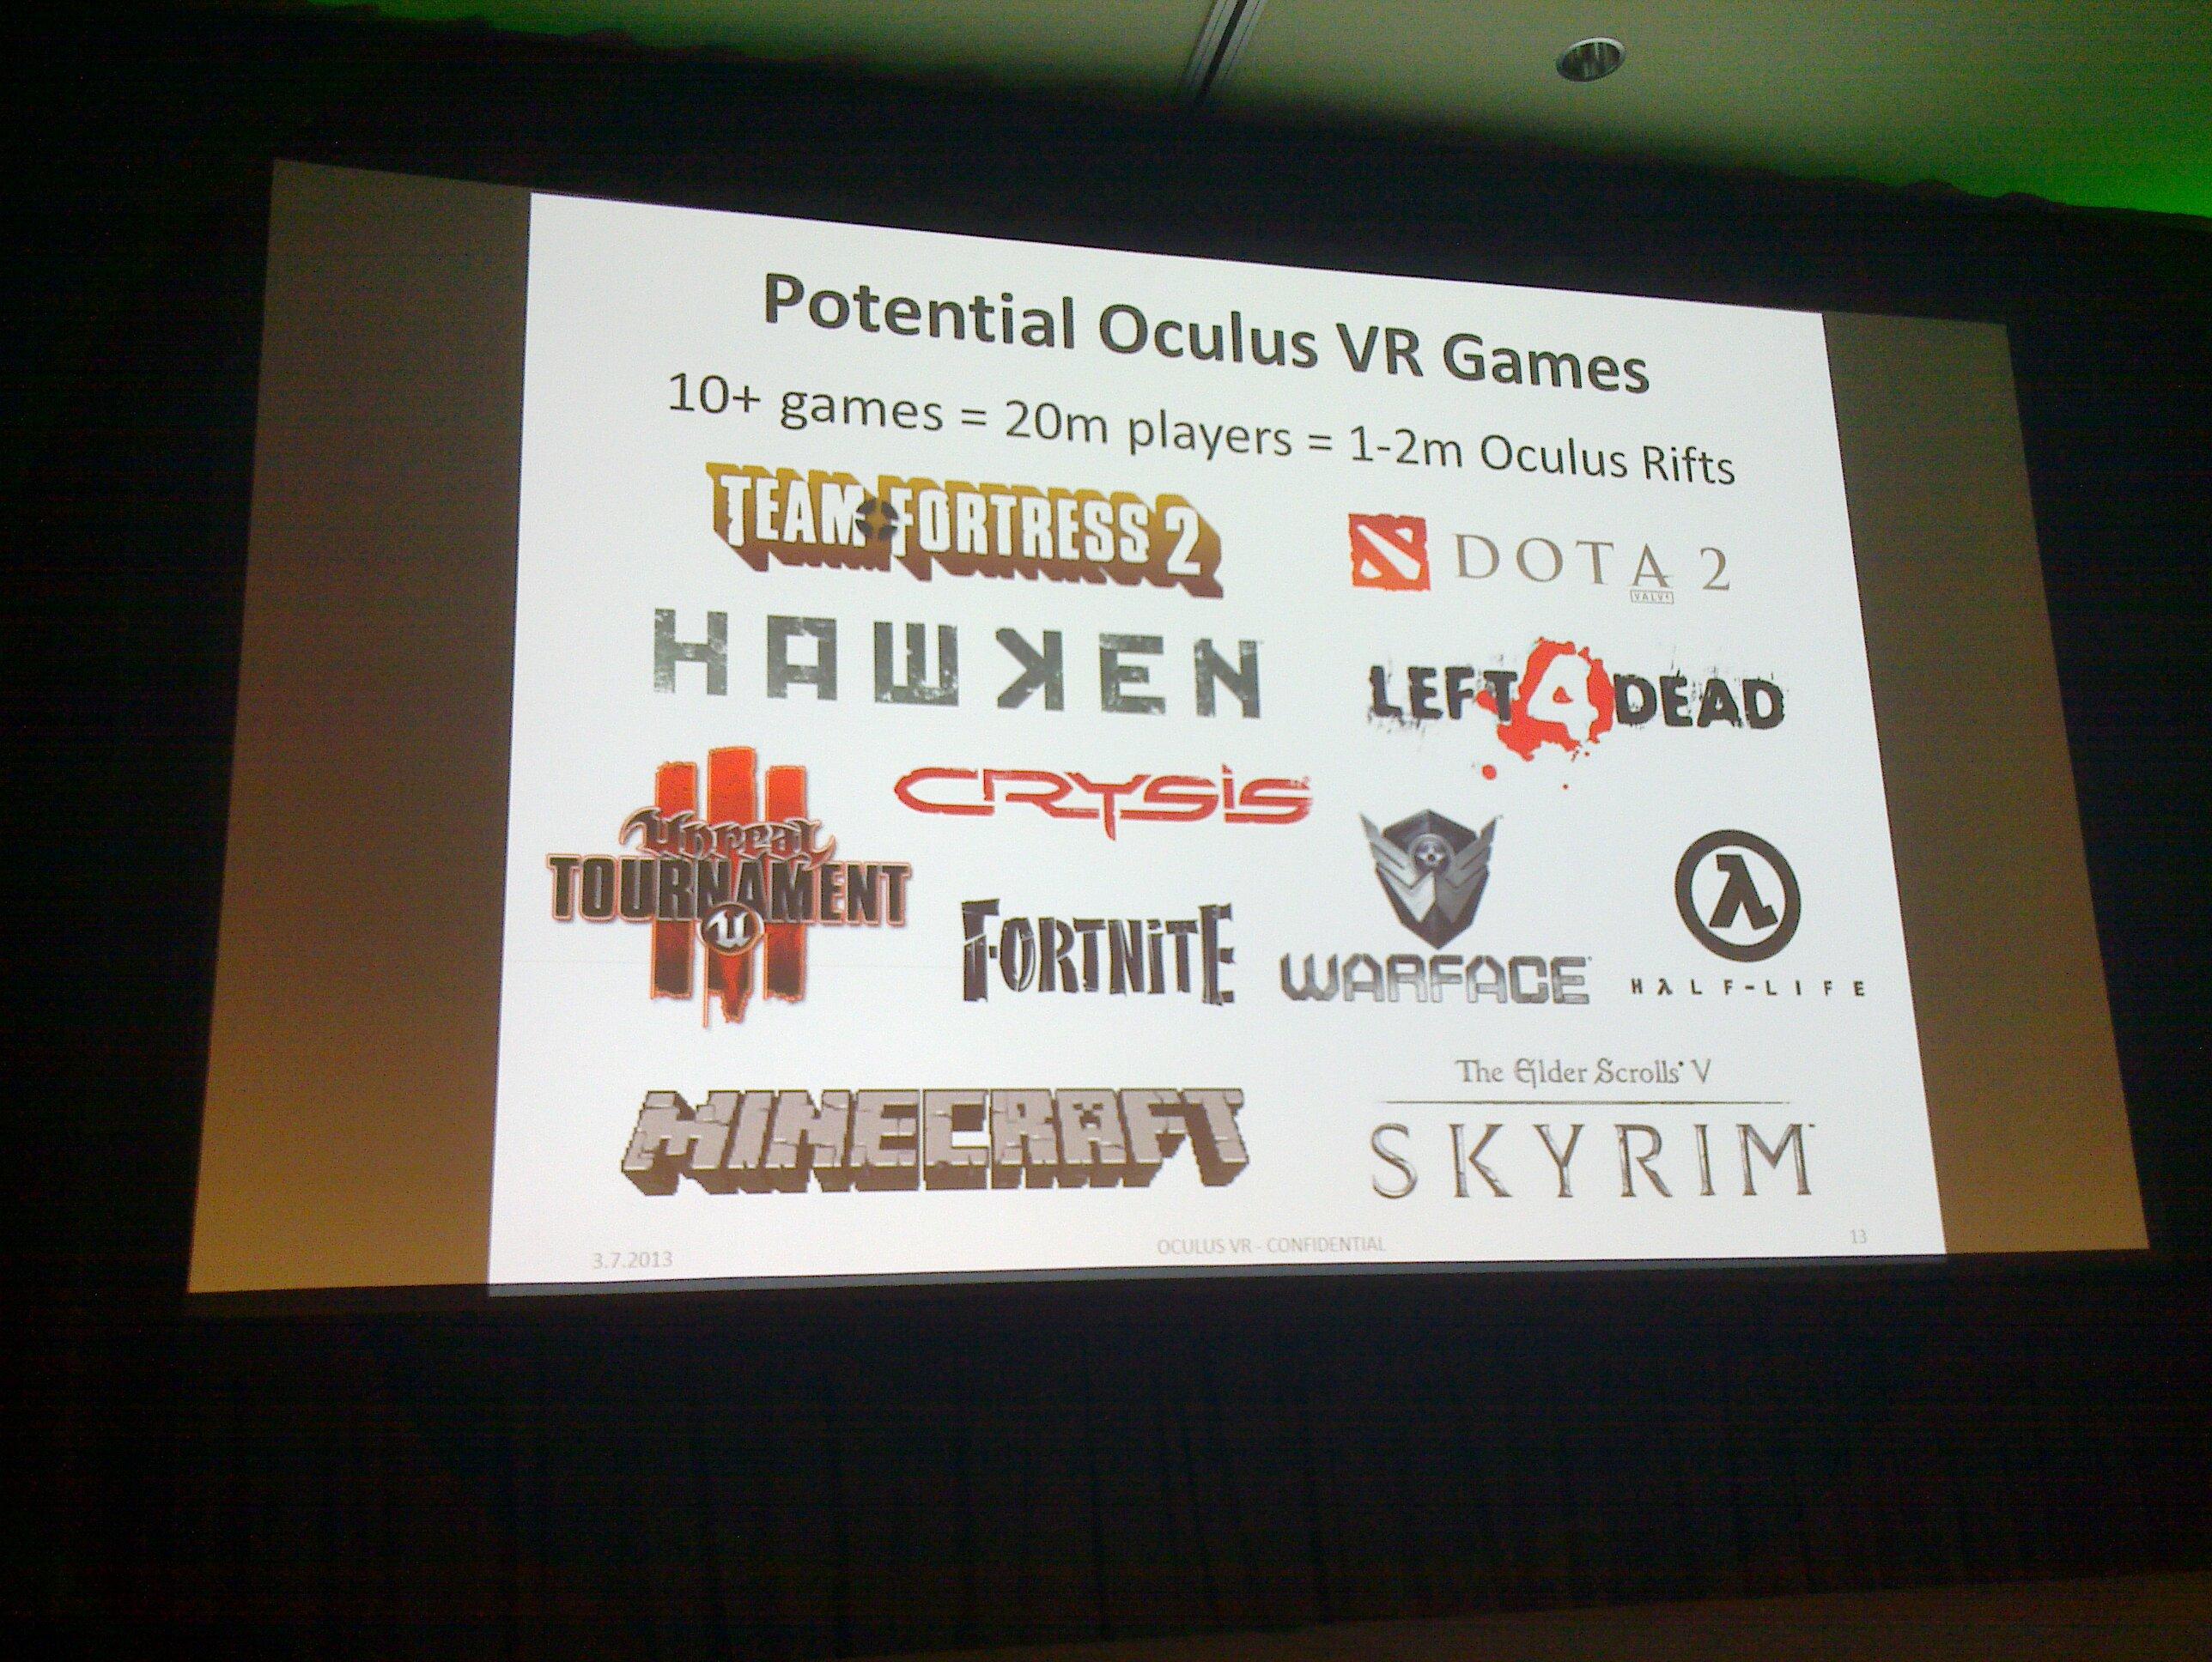 GTC 2013: Oculus VR Reveals Future of Oculus Rift at ECS - General Tech  1